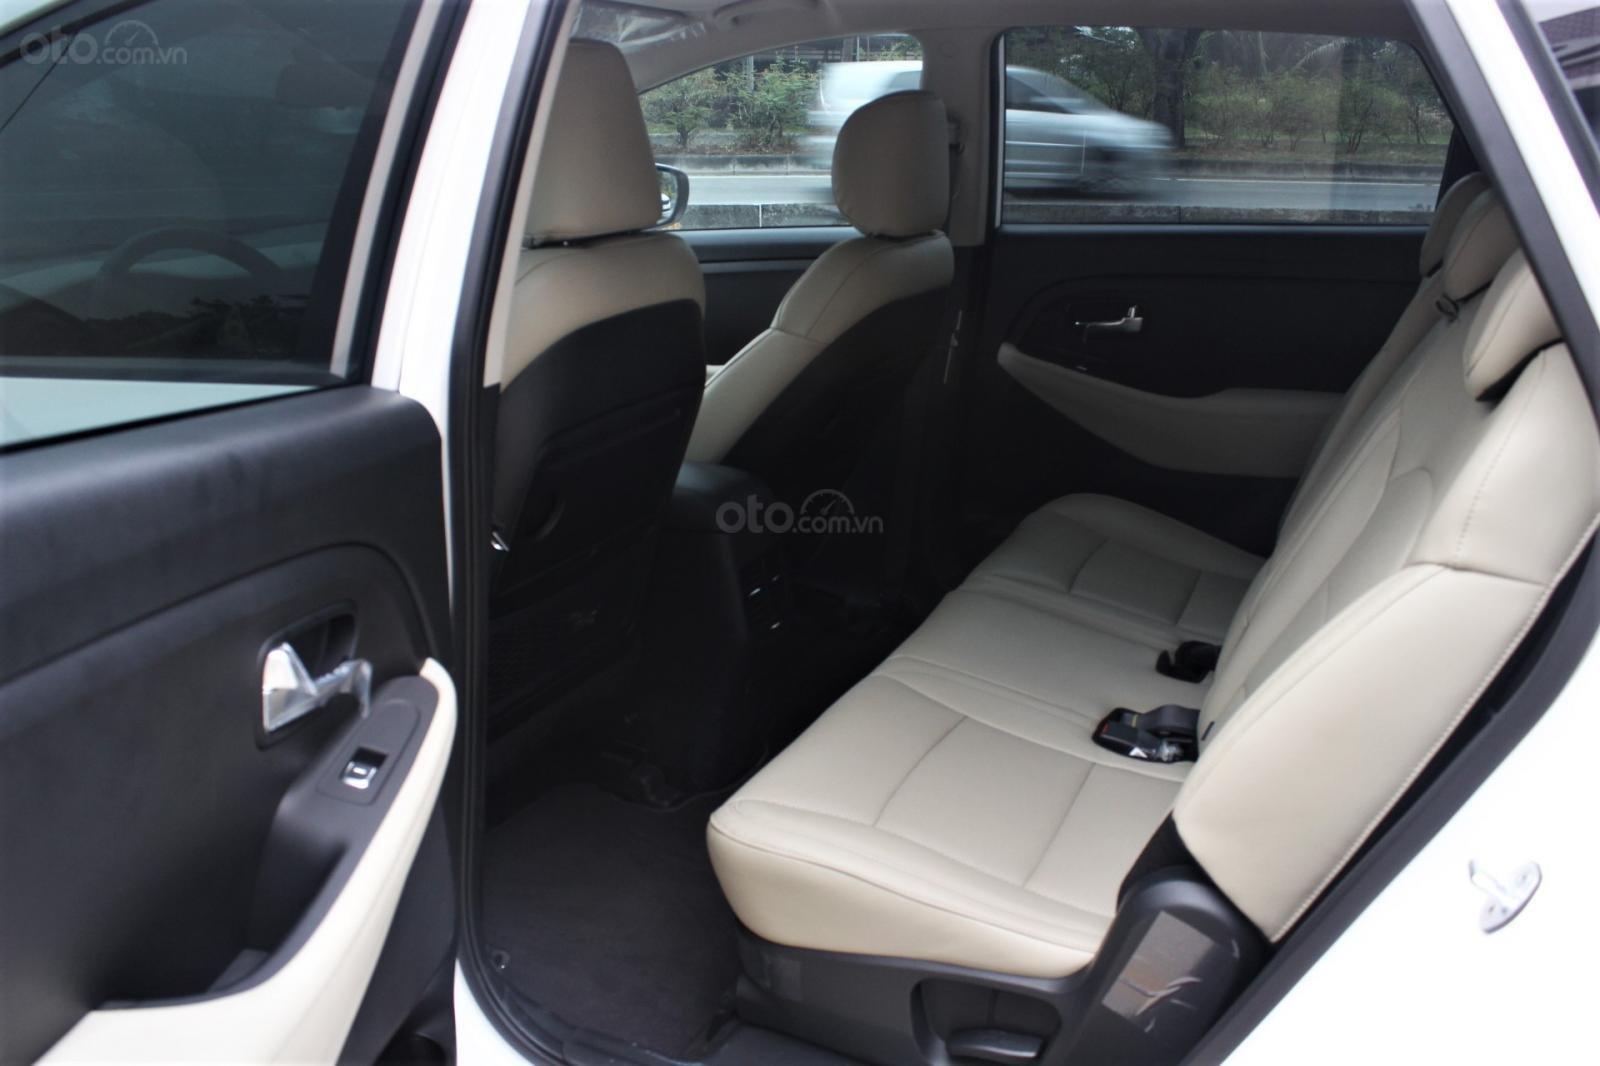 Bán Rondo 2019 - ưu đãi tốt nhất thị trường, gói bảo dưỡng xe, tặng bảo hiểm thân xe - ĐT: 0949820072-4